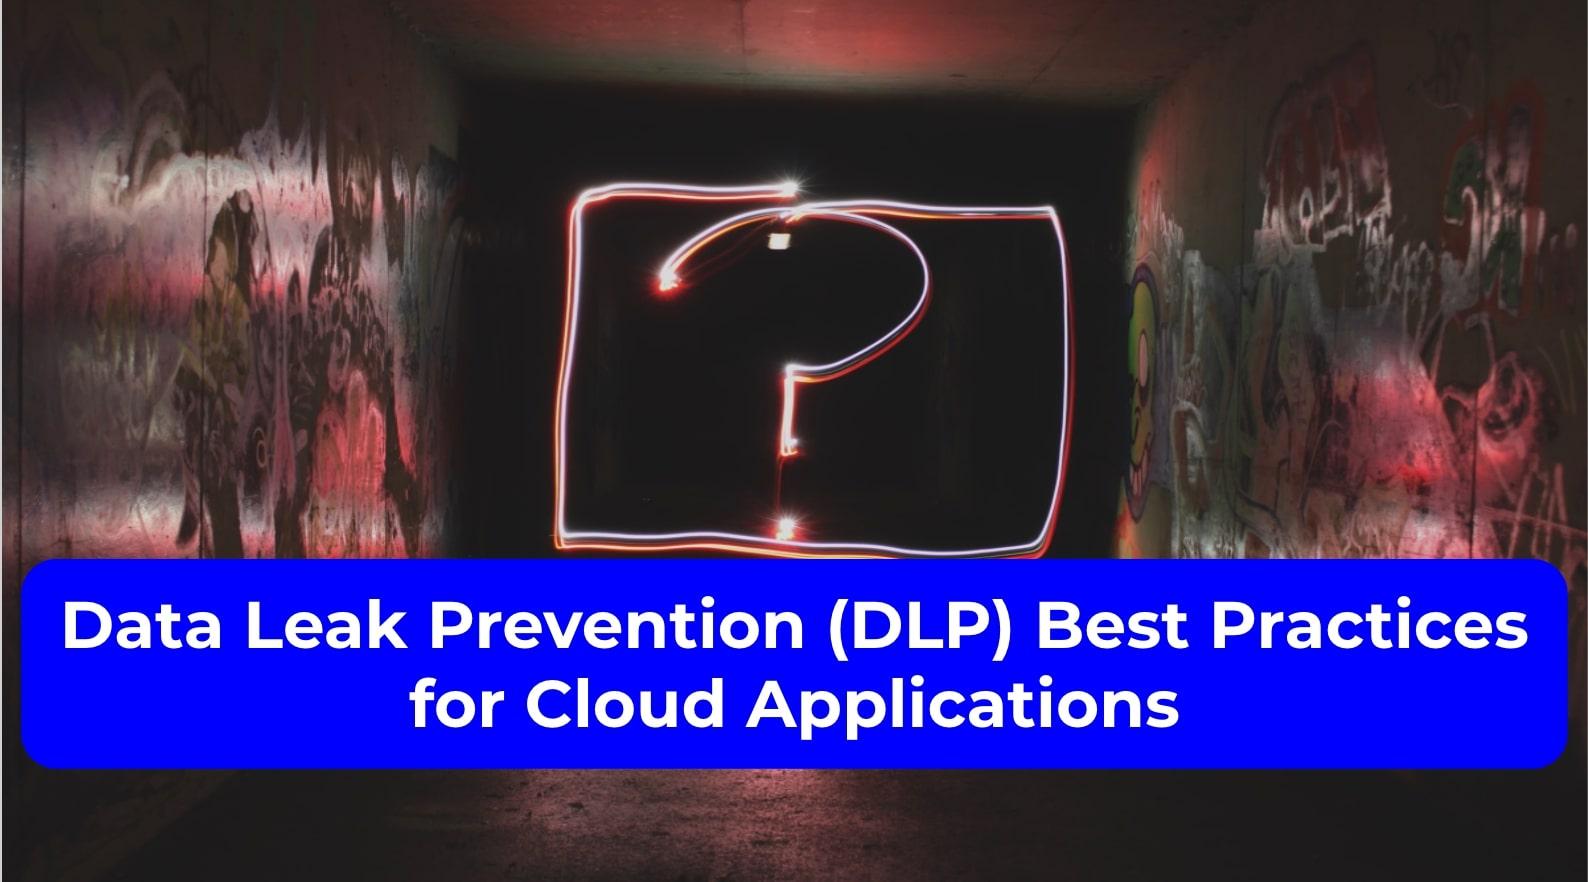 Data Leak Prevention (DLP) Best Practices for Cloud Applications